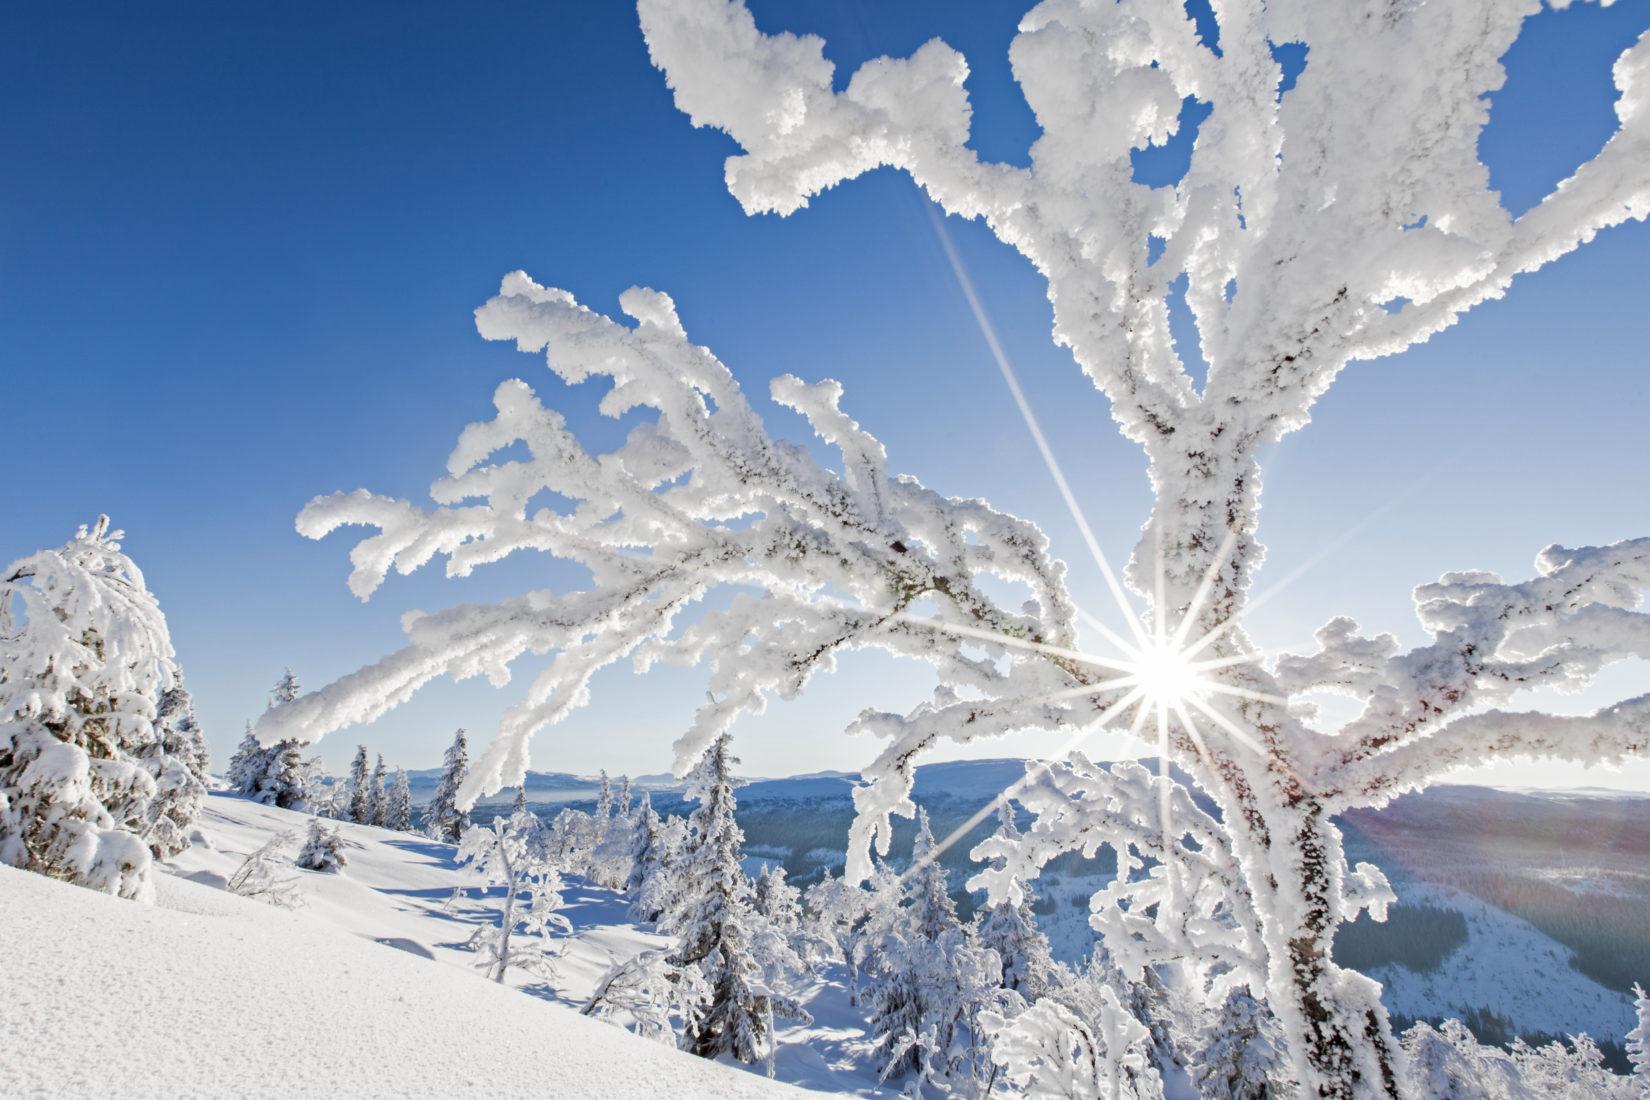 Snötäckta grenar mot en blå himmel.